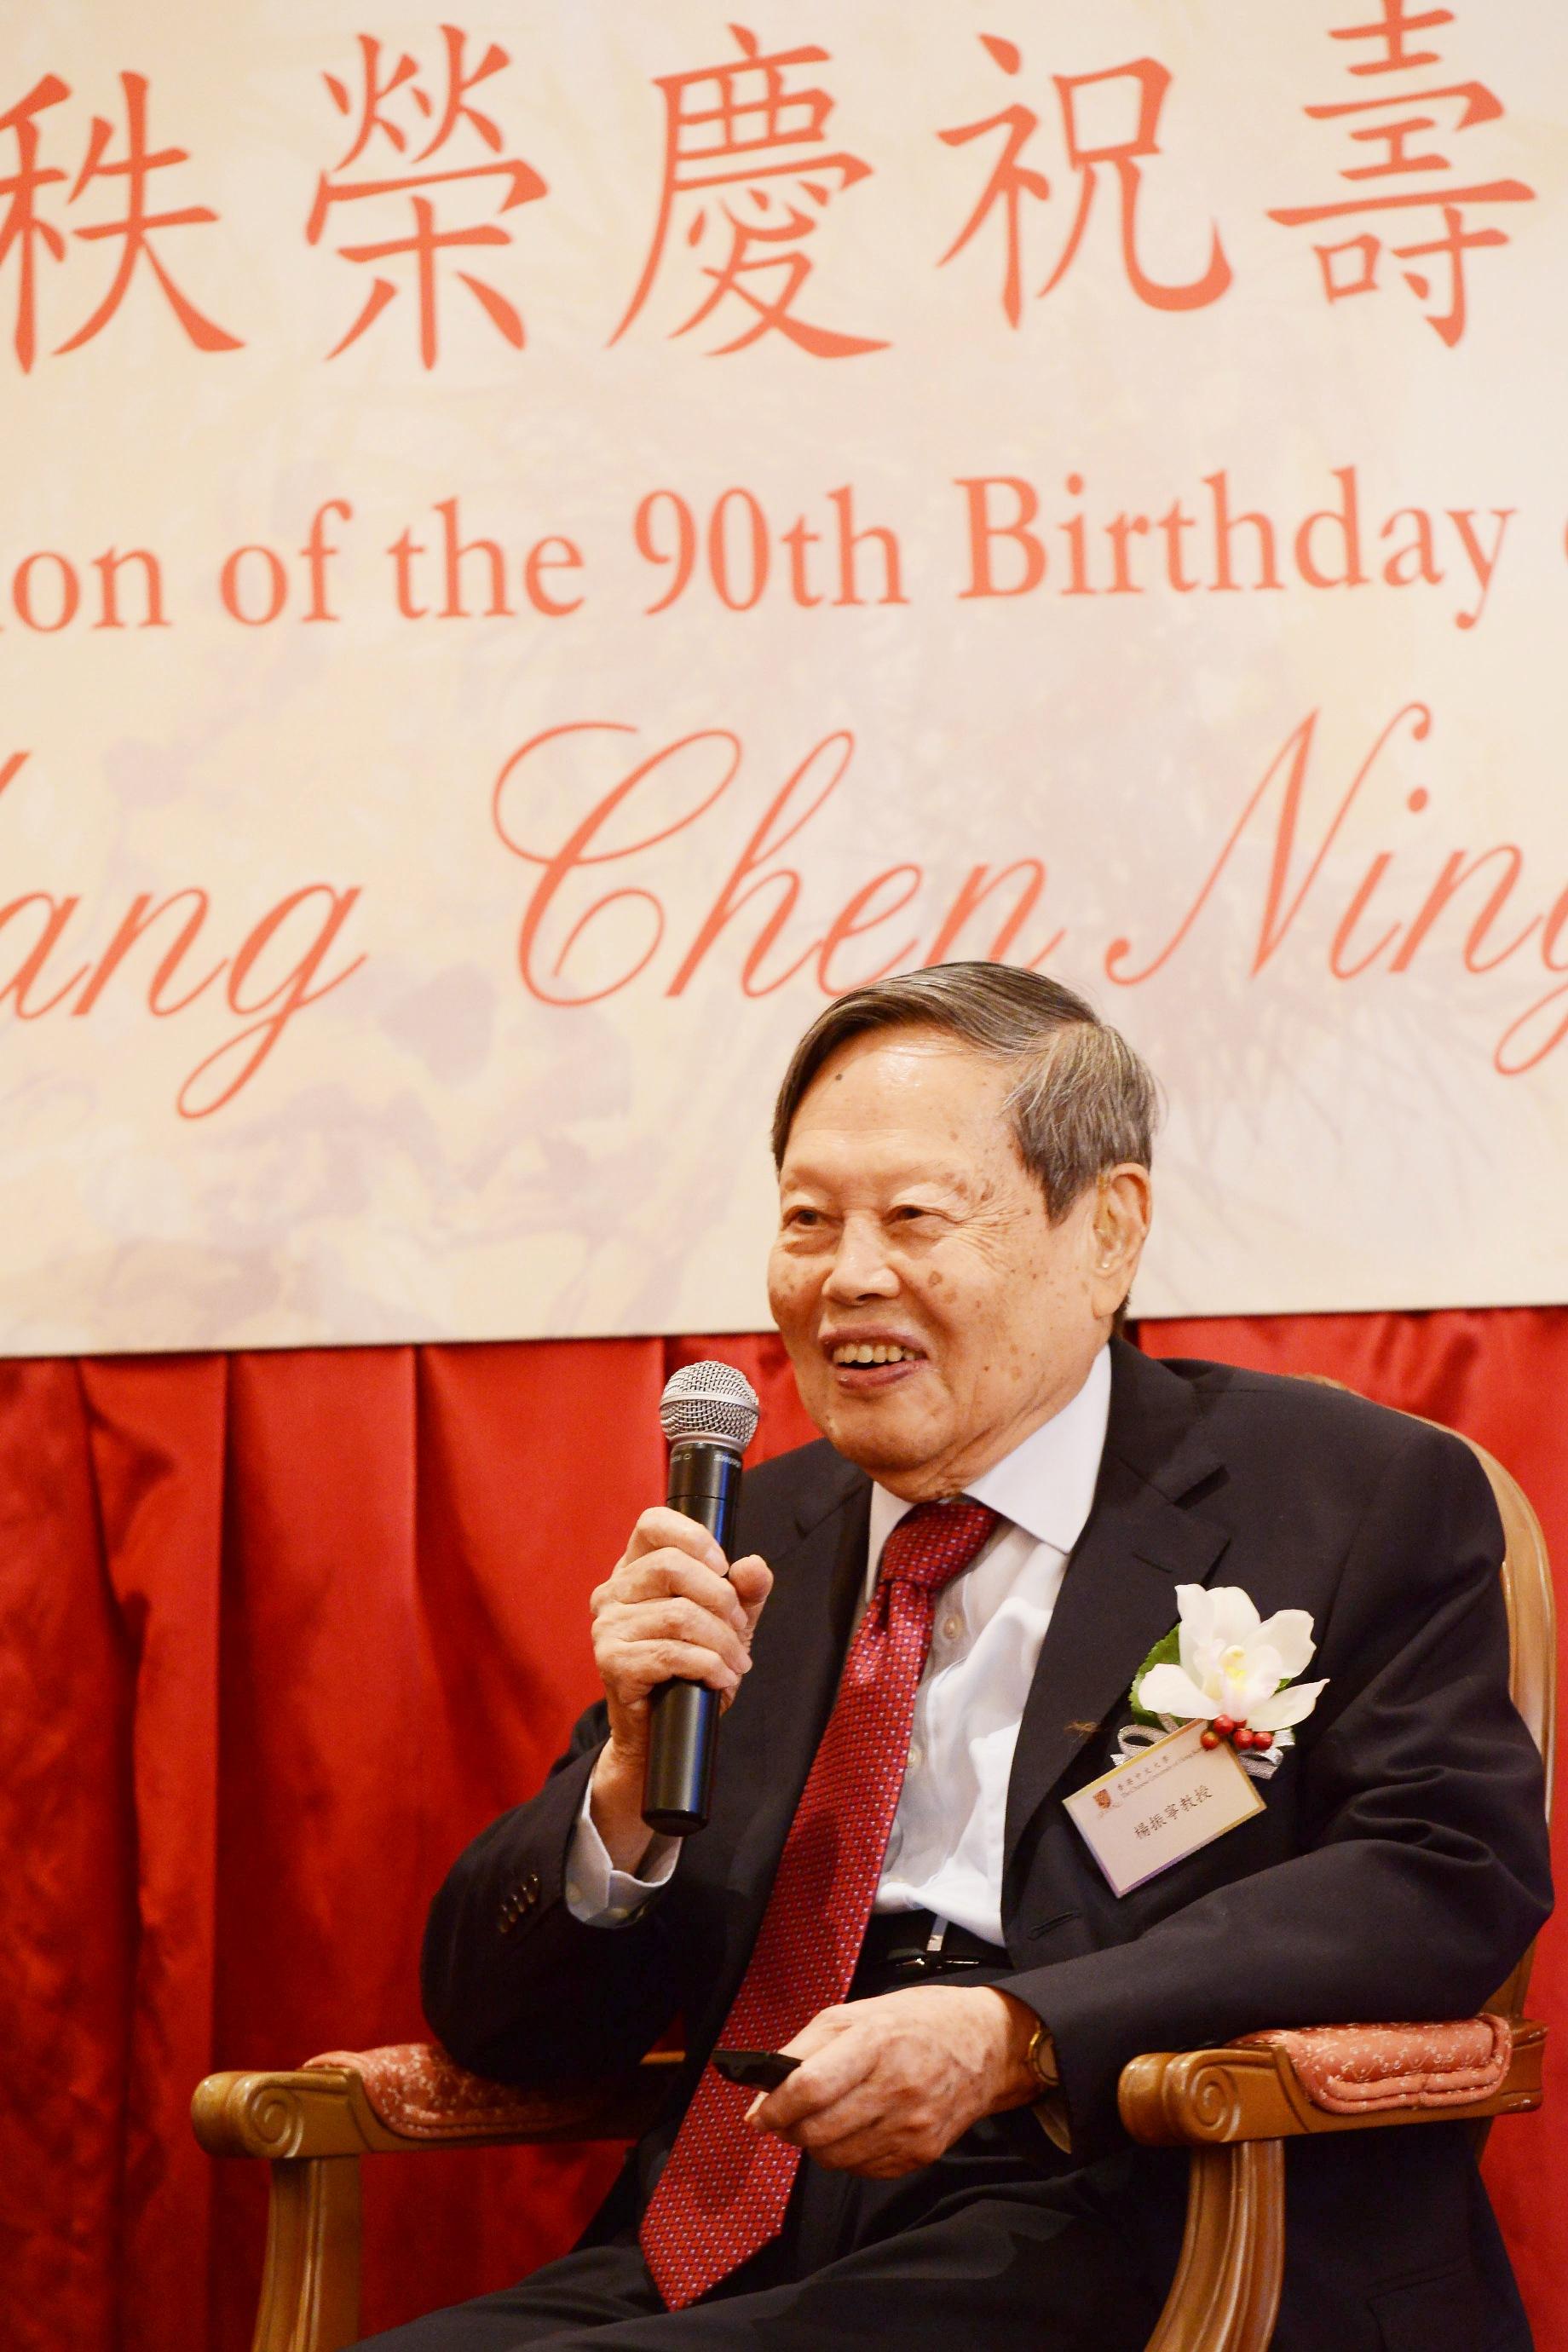 楊教授與來賓分享他的九十載人生點滴。